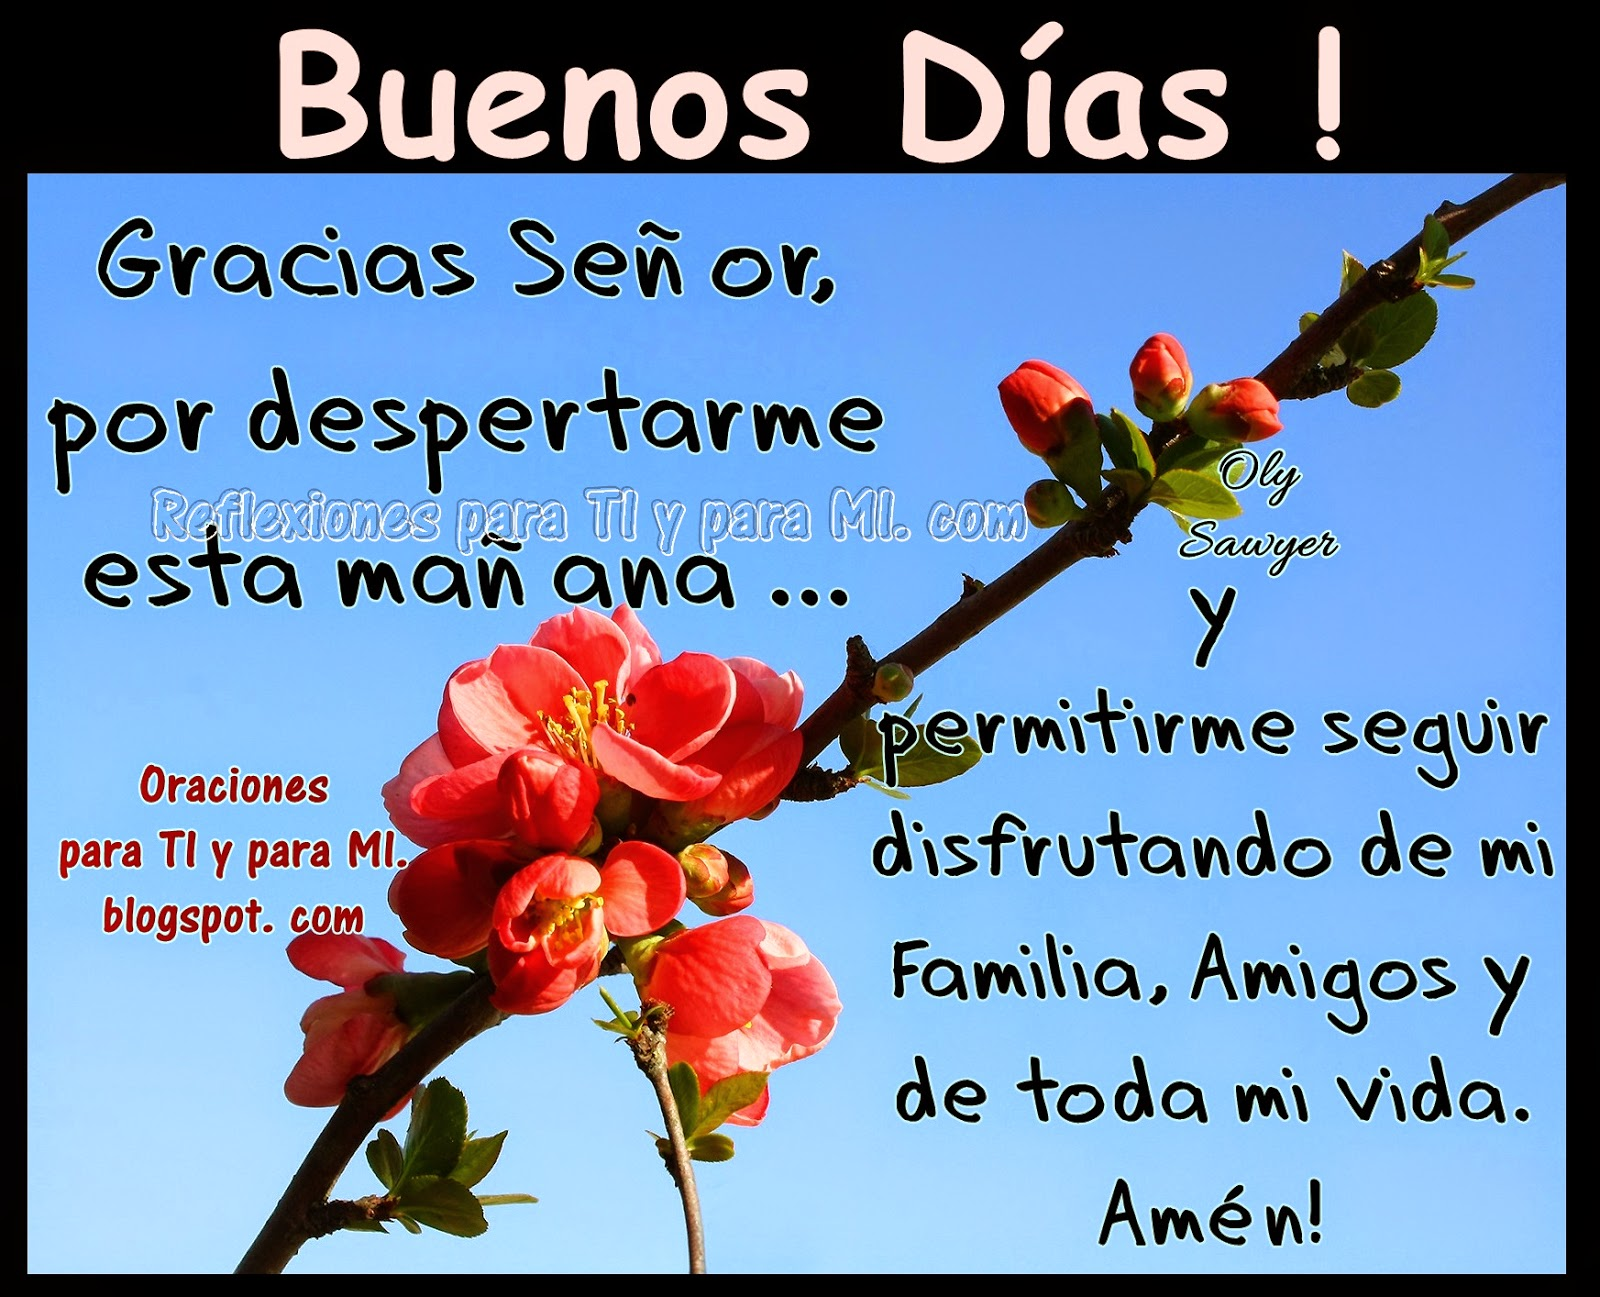 BUENOS DÍAS!  Gracias Señor, por despertarme esta mañana... y permitirme seguir disfrutando de mi Familia, Amigos y de toda mi vida.  Amén!